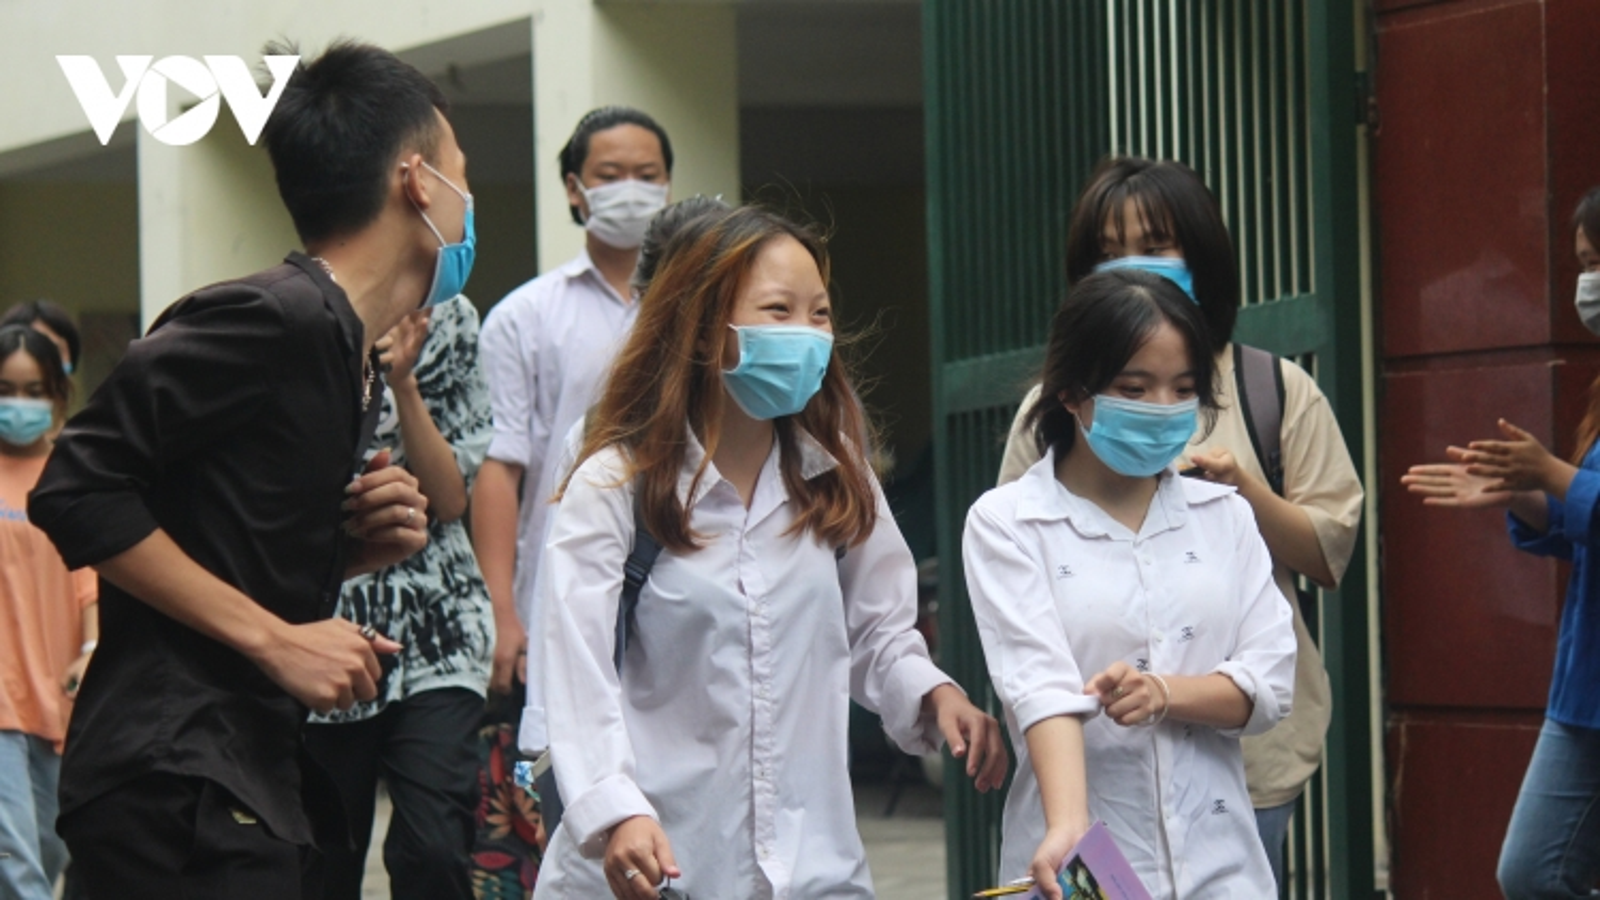 Trường ĐH lên phương án tuyển với những thí sinh không thi tốt nghiệp đợt 2 do dịch